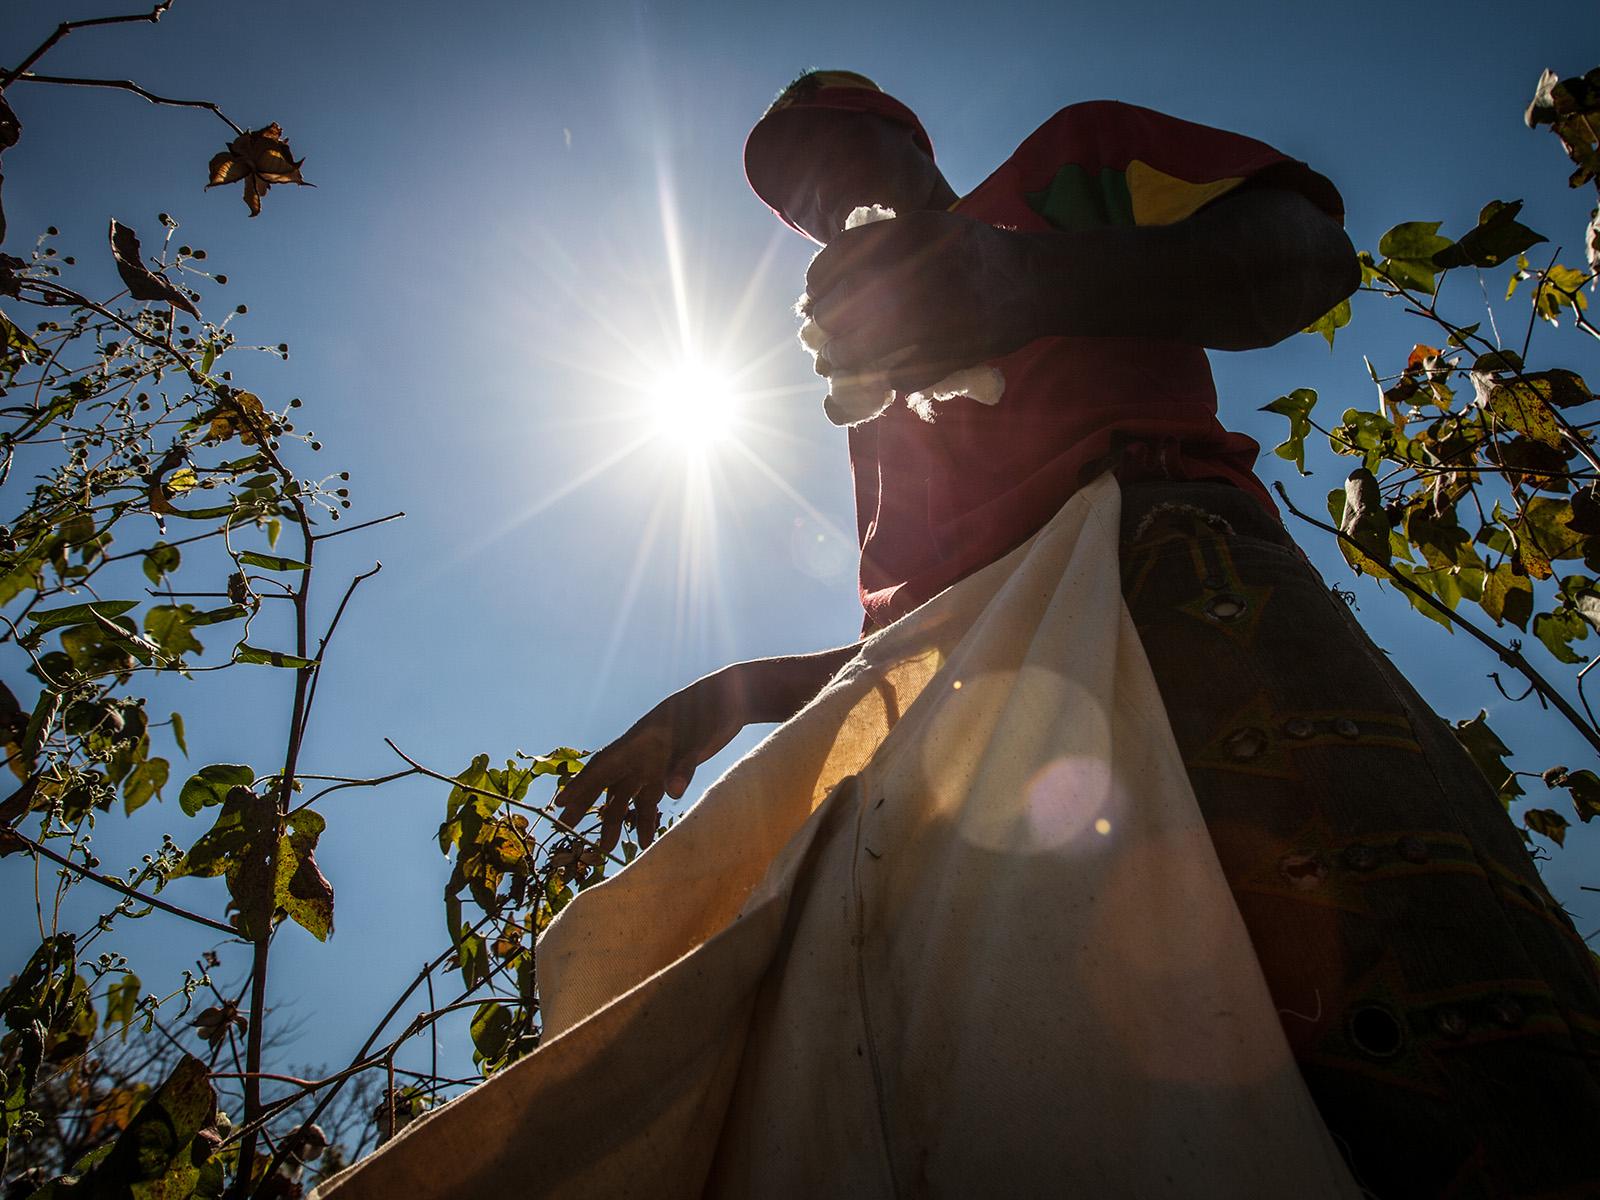 Kasvaakseen puuvilla vaatii runsaasti auringonvaloa, joten viljelijät joutuvat työskentelemään auringon paahteessa.